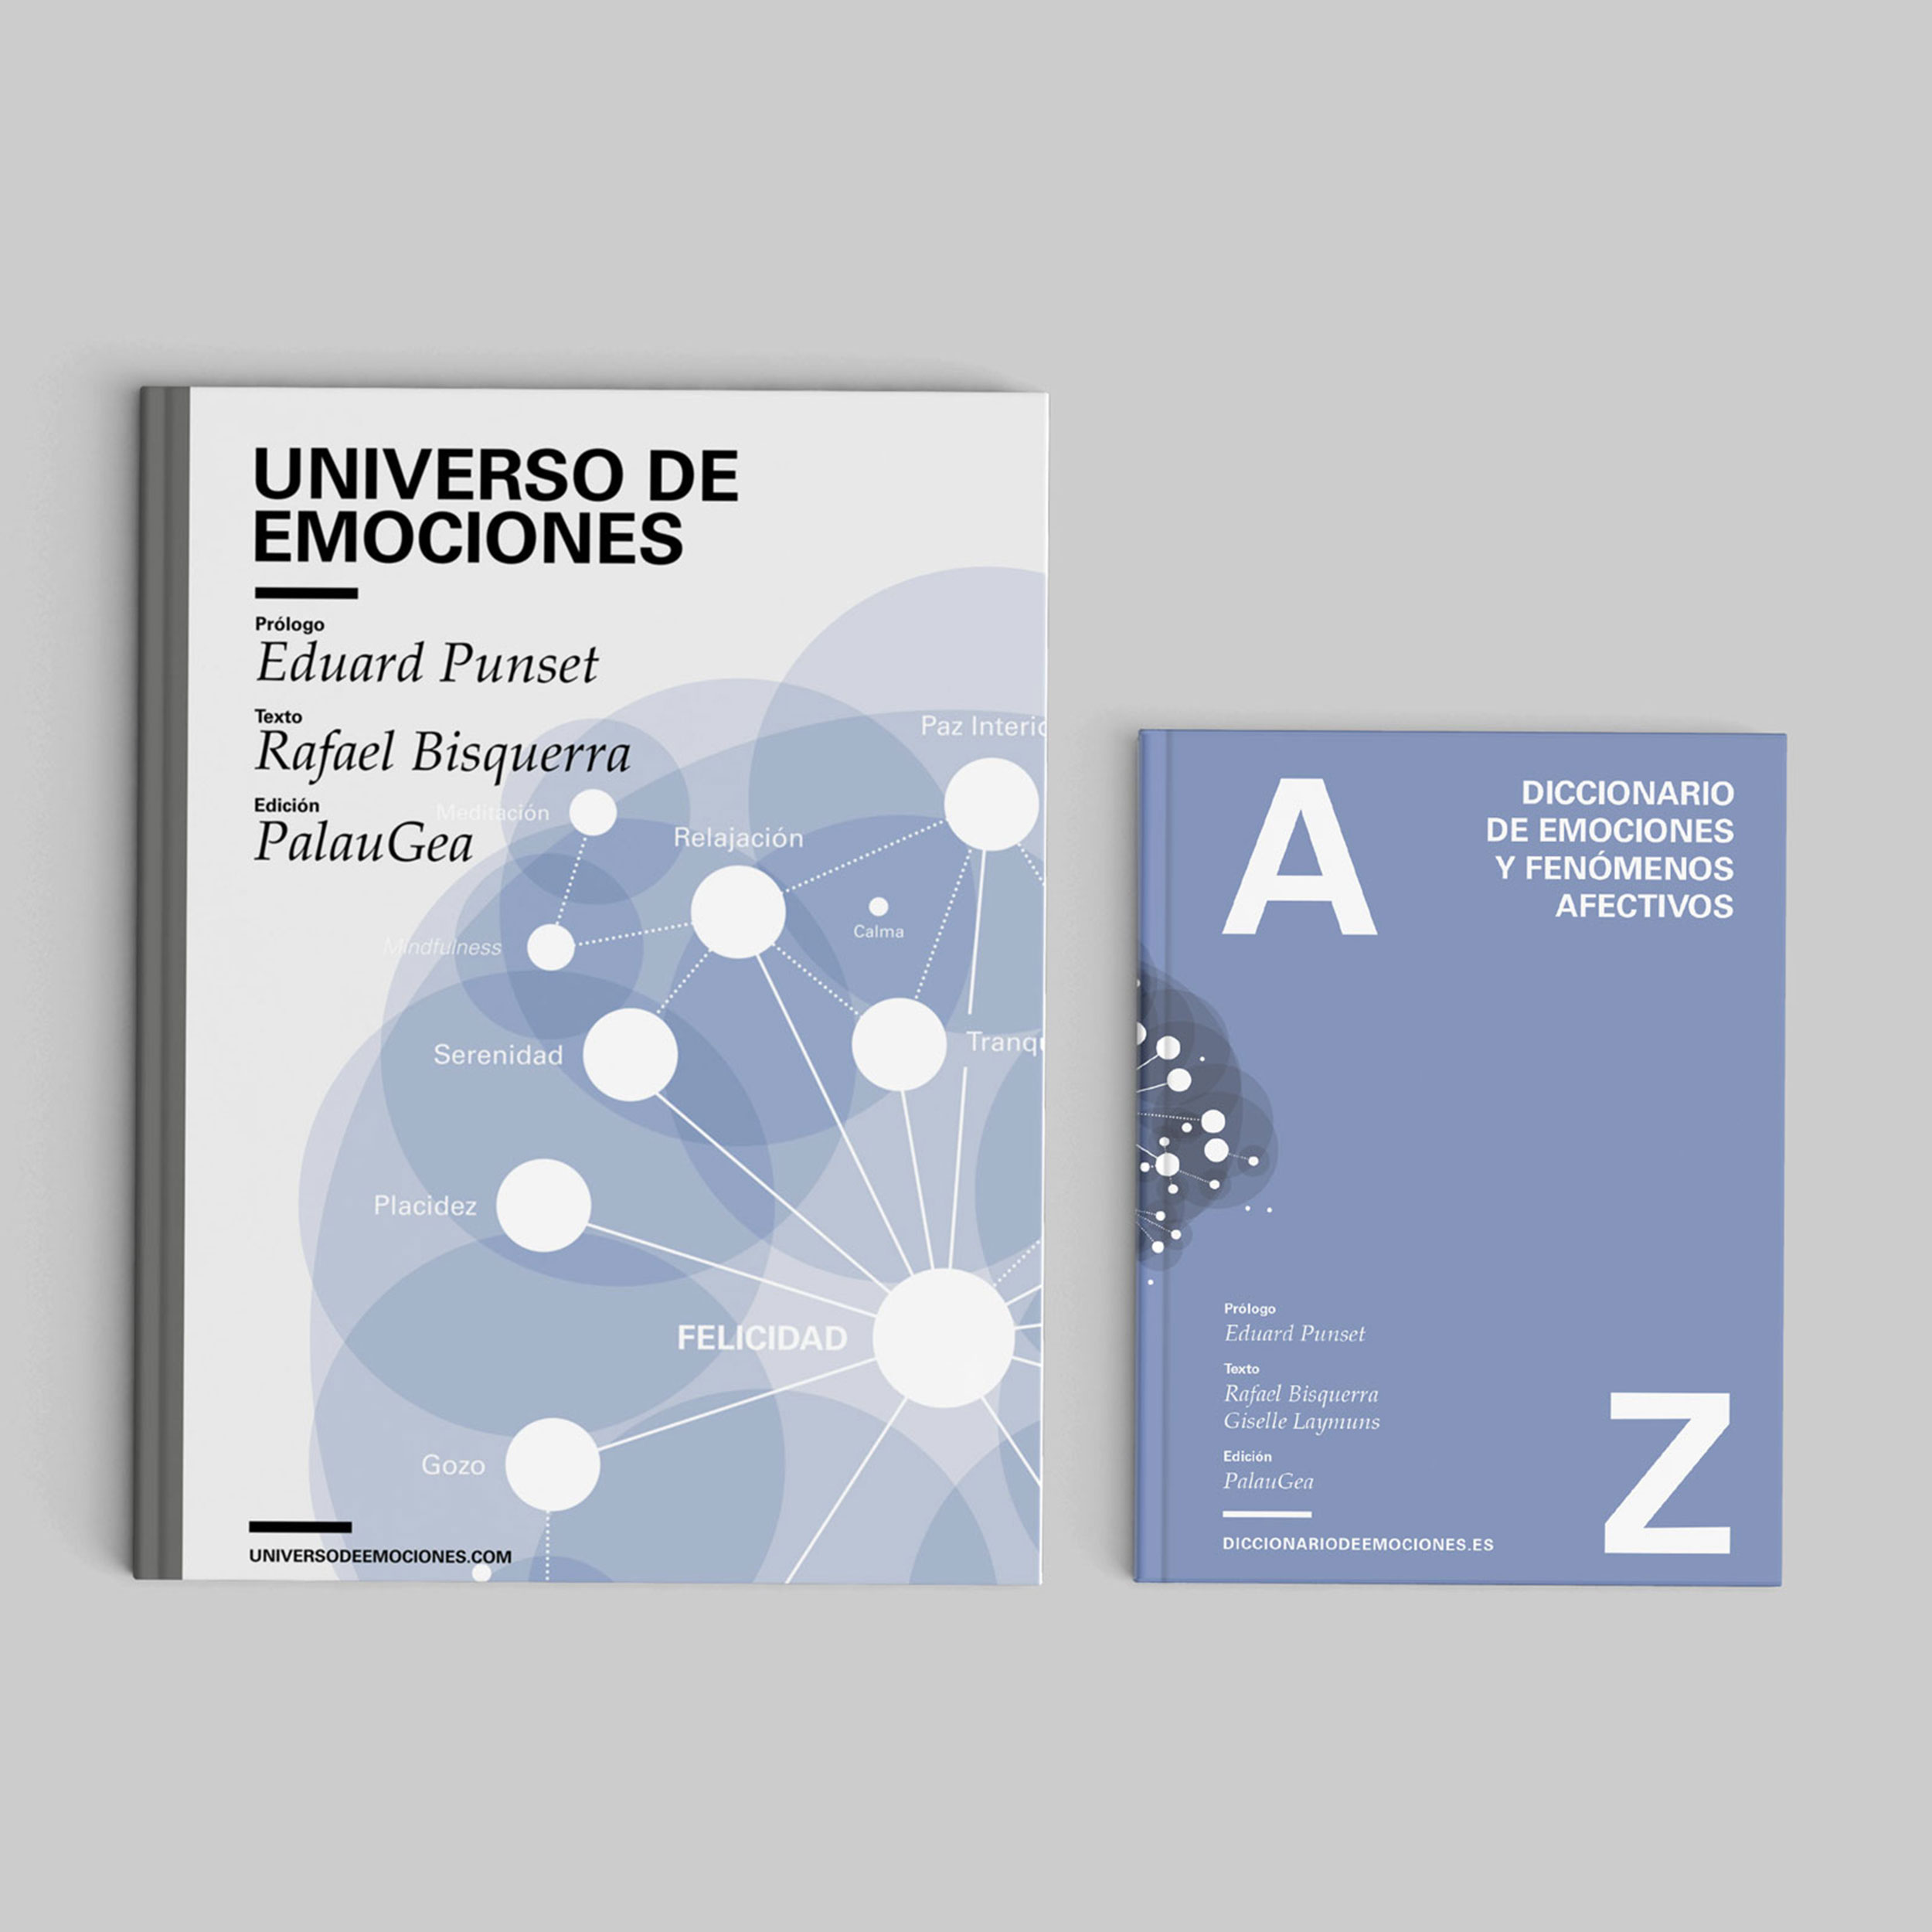 Libro Universo de Emociones + Diccionario de Emociones - Universo de ...